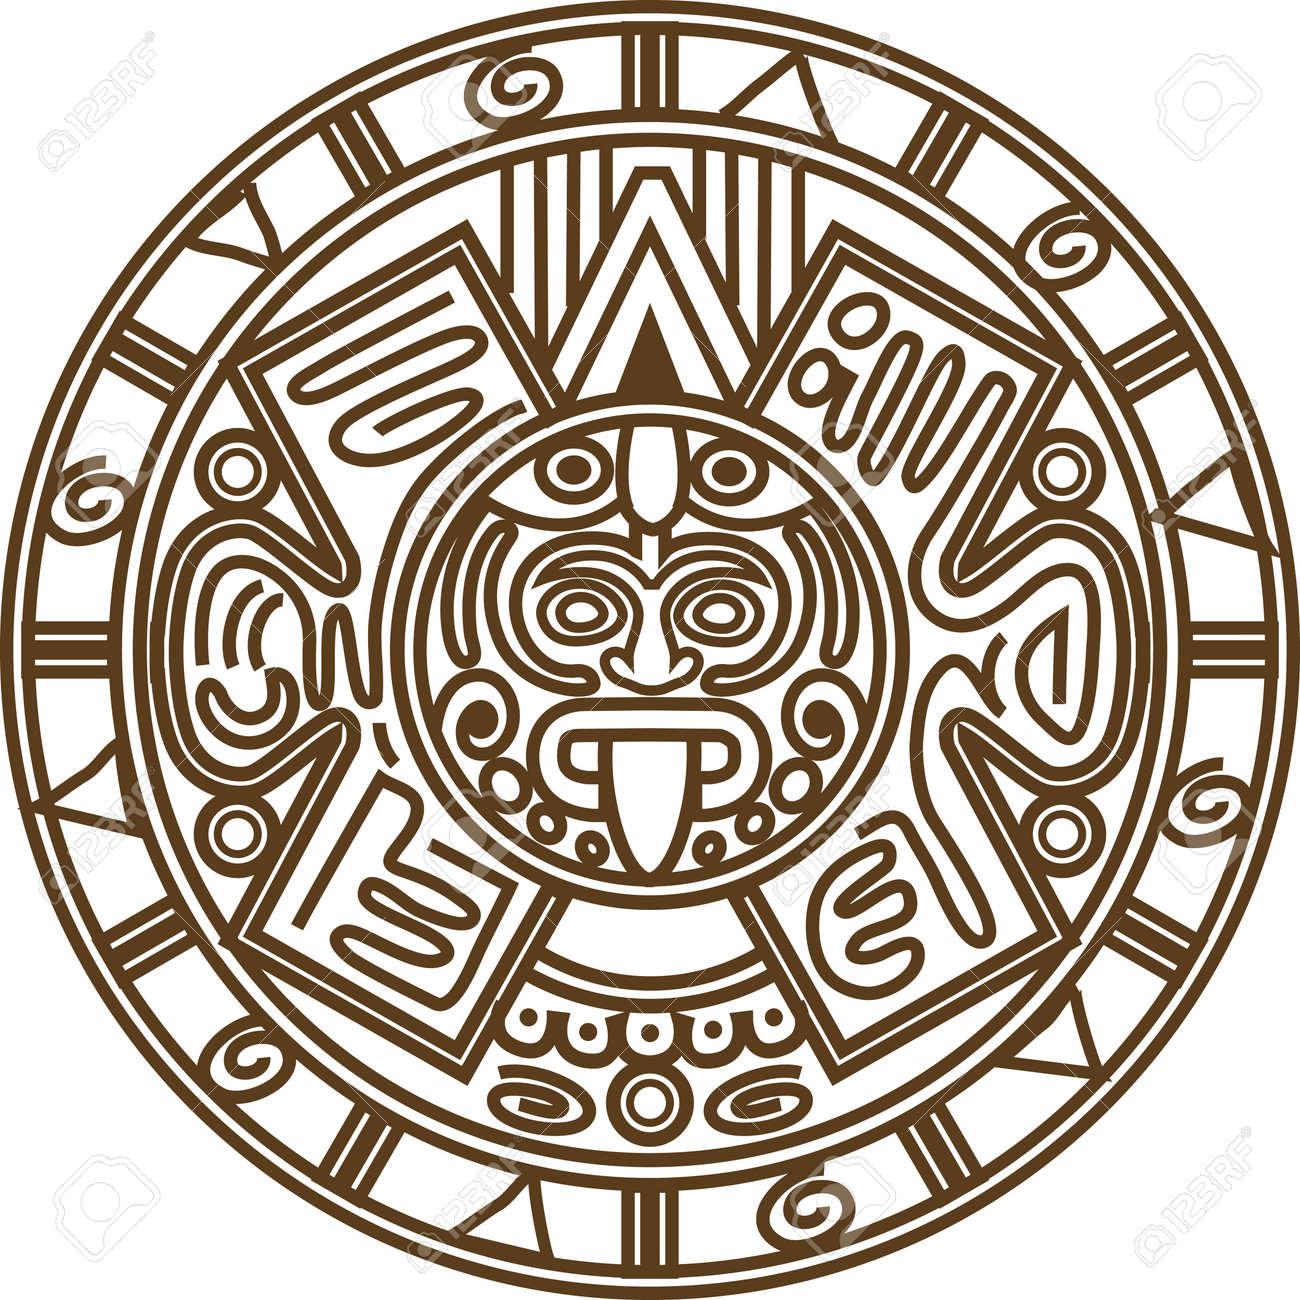 Calendario Azteca Vectores.Ilustracion Del Vector Imagen Estilizada Del Antiguo Calendario Maya